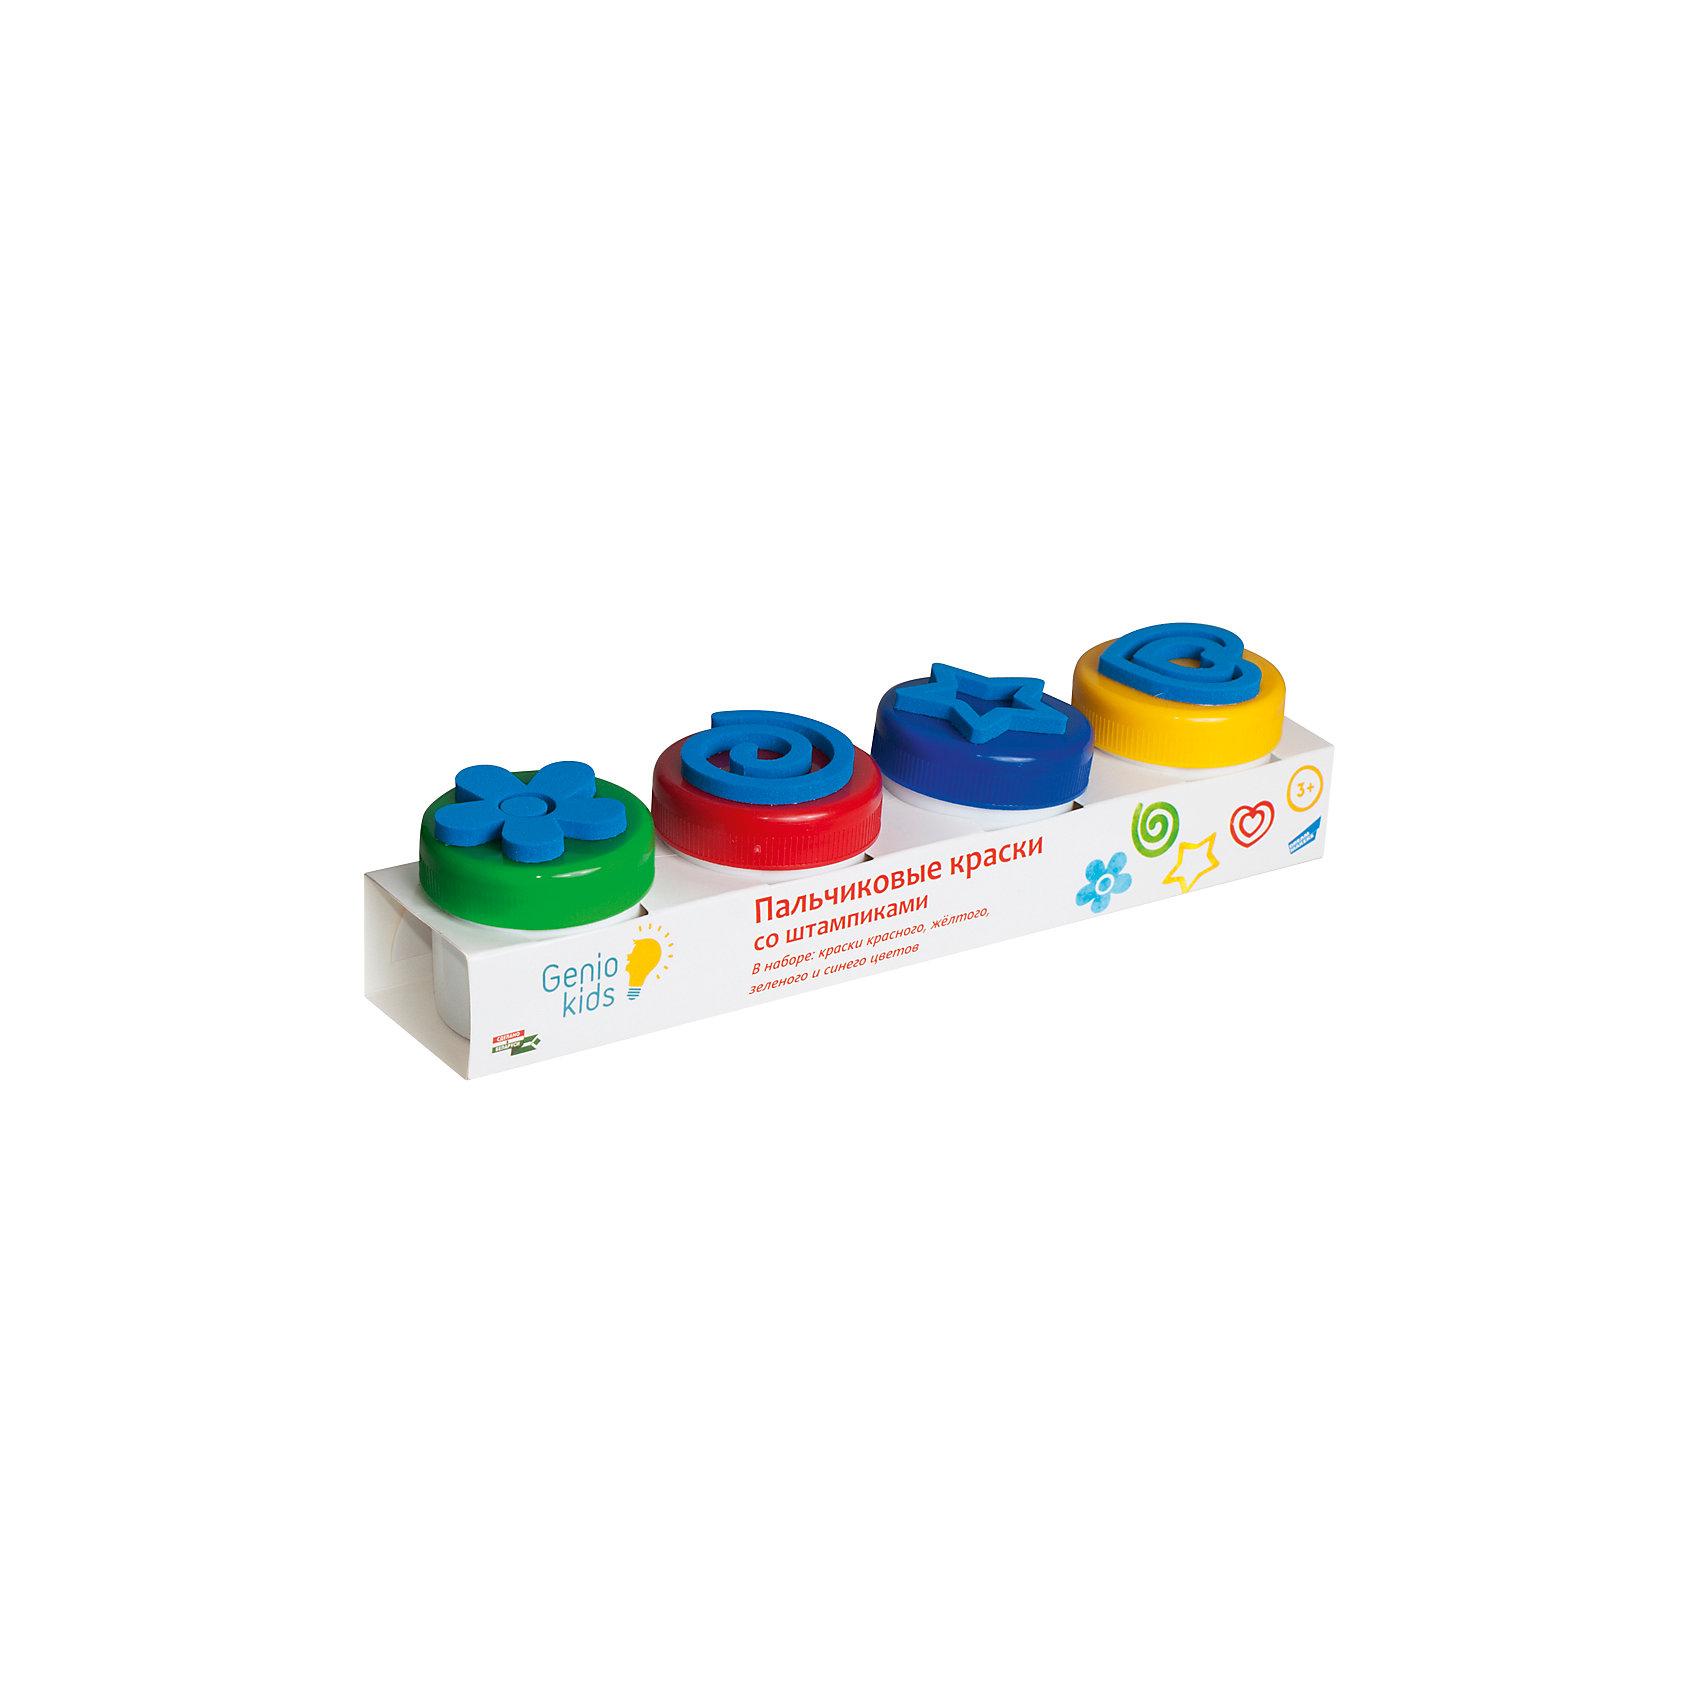 Набор для детского творчества Пальчиковые краски со штампикамиРисование<br>Набор с пальчиковыми красками 4 цвета (красный, синий, желтый, зеленый) по 50 мл в банках со штампиками.<br><br>Ширина мм: 310<br>Глубина мм: 76<br>Высота мм: 78<br>Вес г: 270<br>Возраст от месяцев: 36<br>Возраст до месяцев: 72<br>Пол: Унисекс<br>Возраст: Детский<br>SKU: 5441226